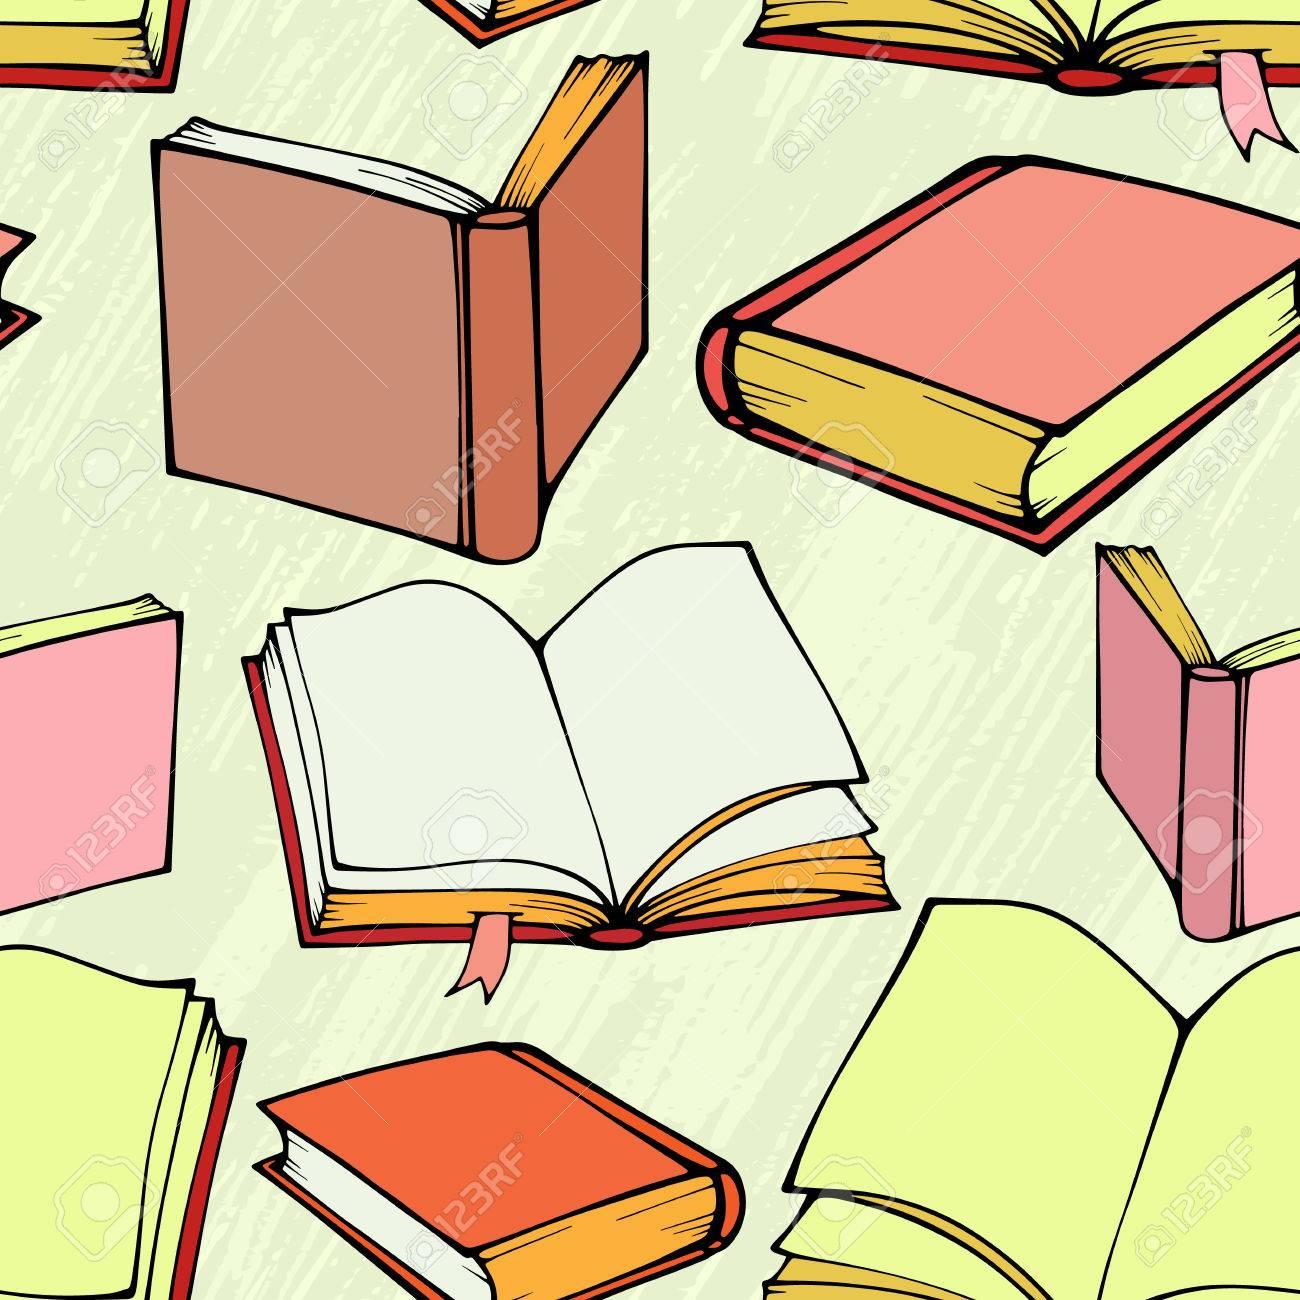 Dekorative Bücher nahtloses muster mit hand gezeichnet dekorative bücher lizenzfrei